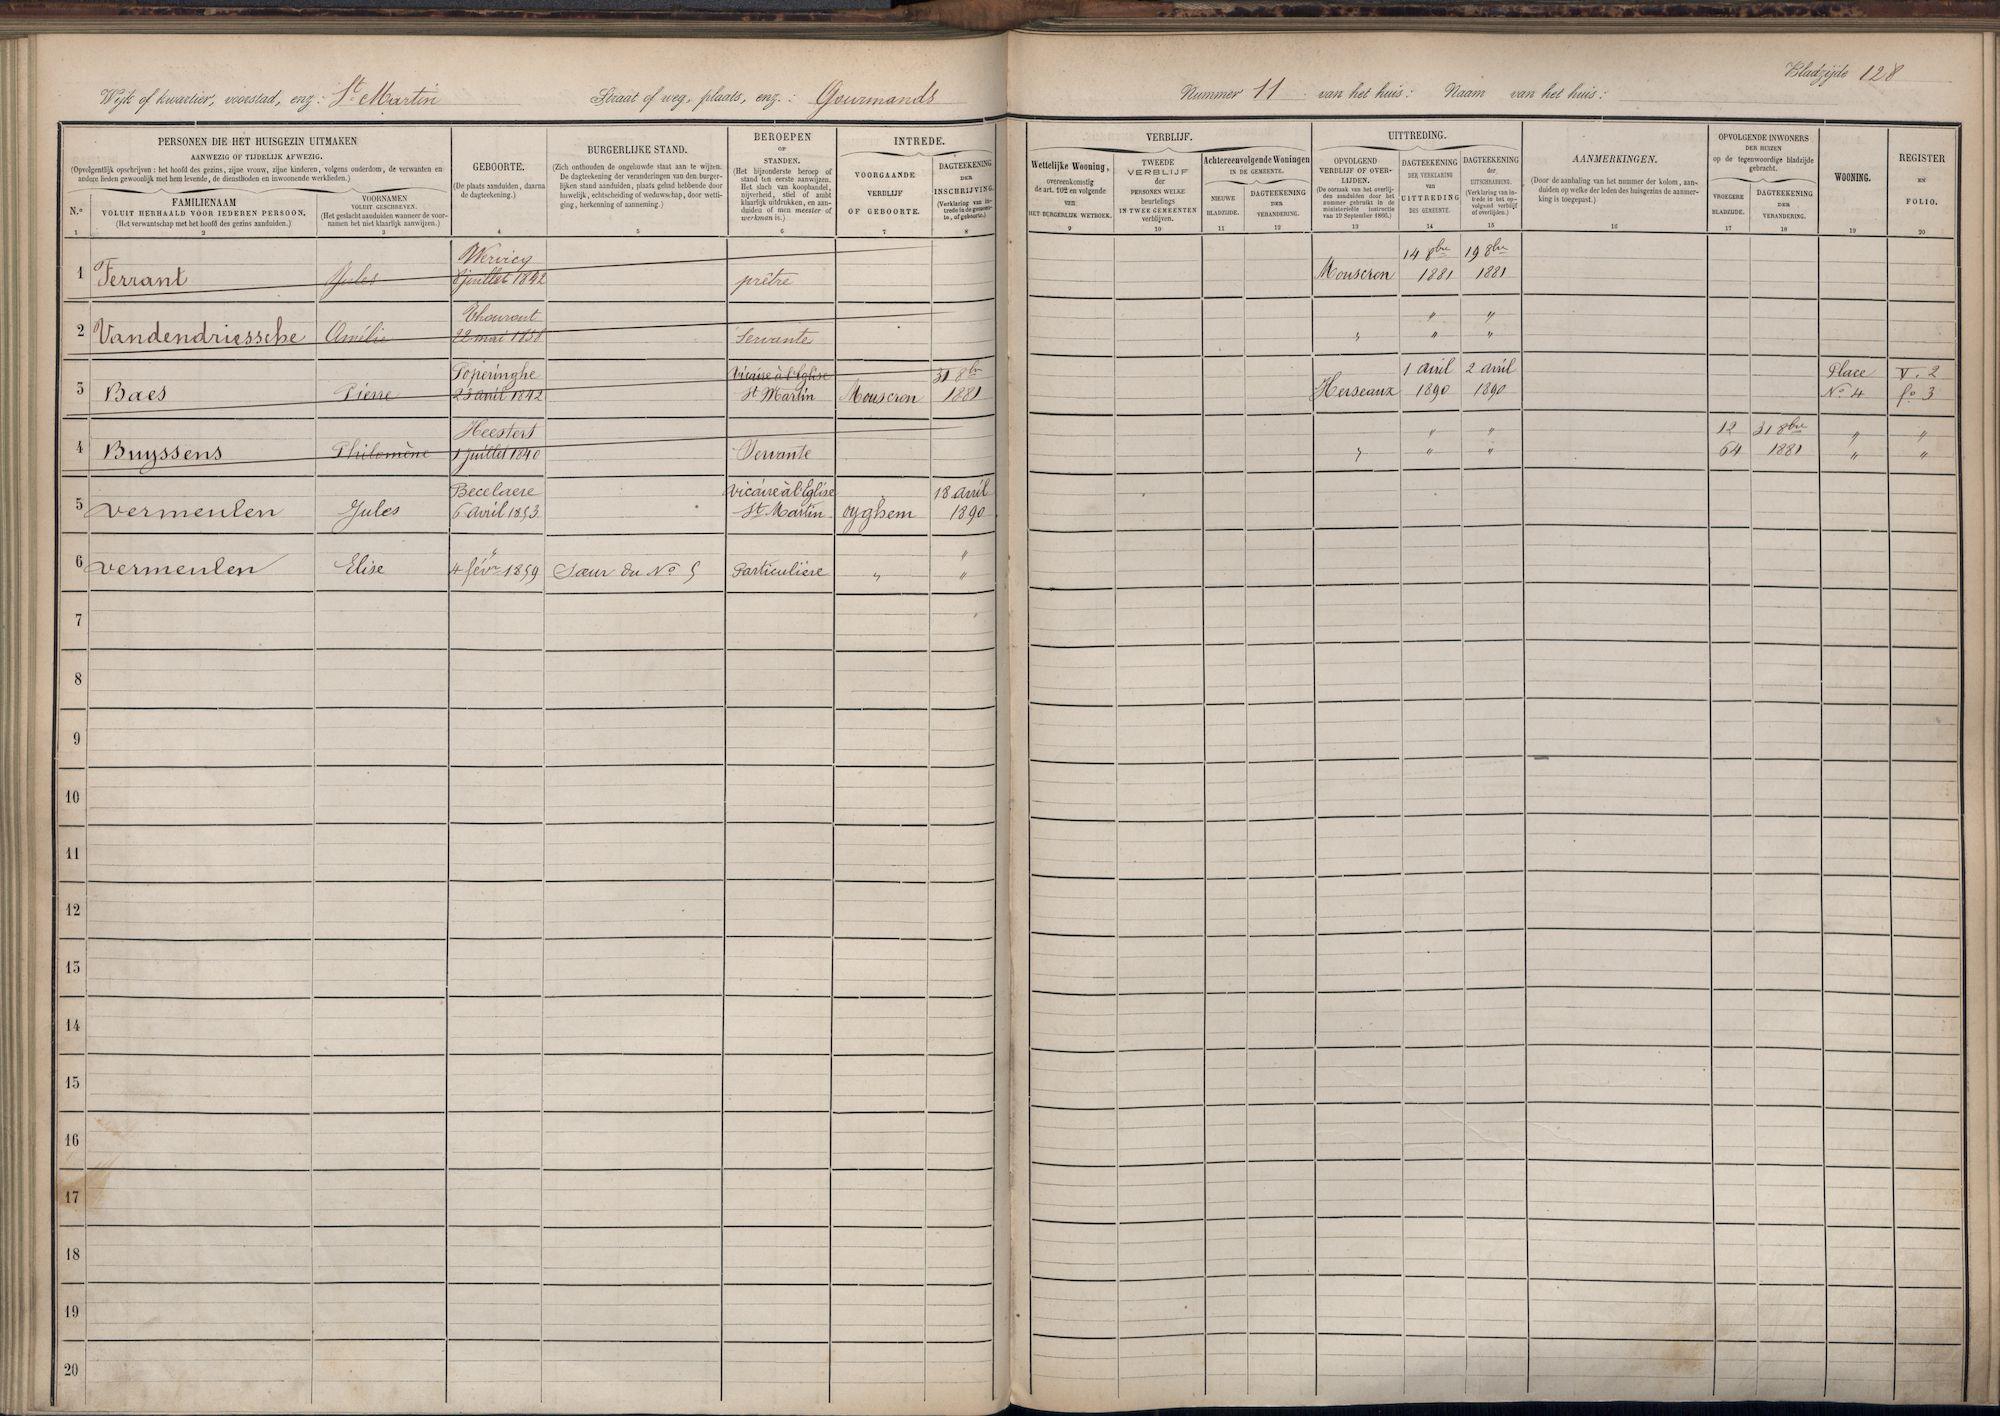 1880_18_126.tif